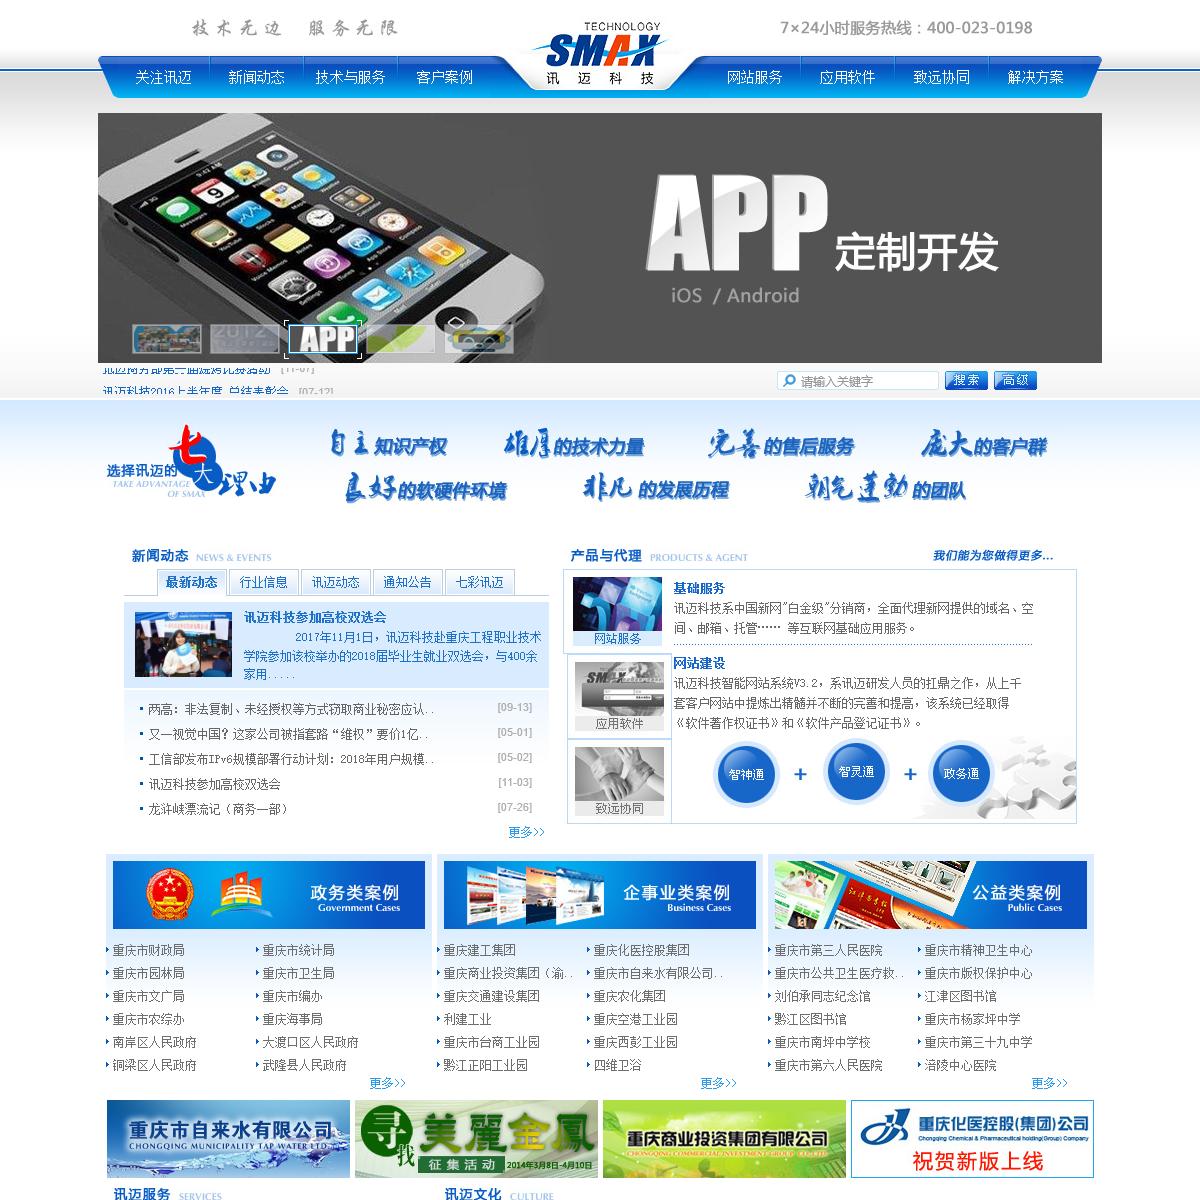 讯迈科技,重庆网站建设公司,软件开发,OA,Tel-400-023-0198 ,网站设计,网站制作